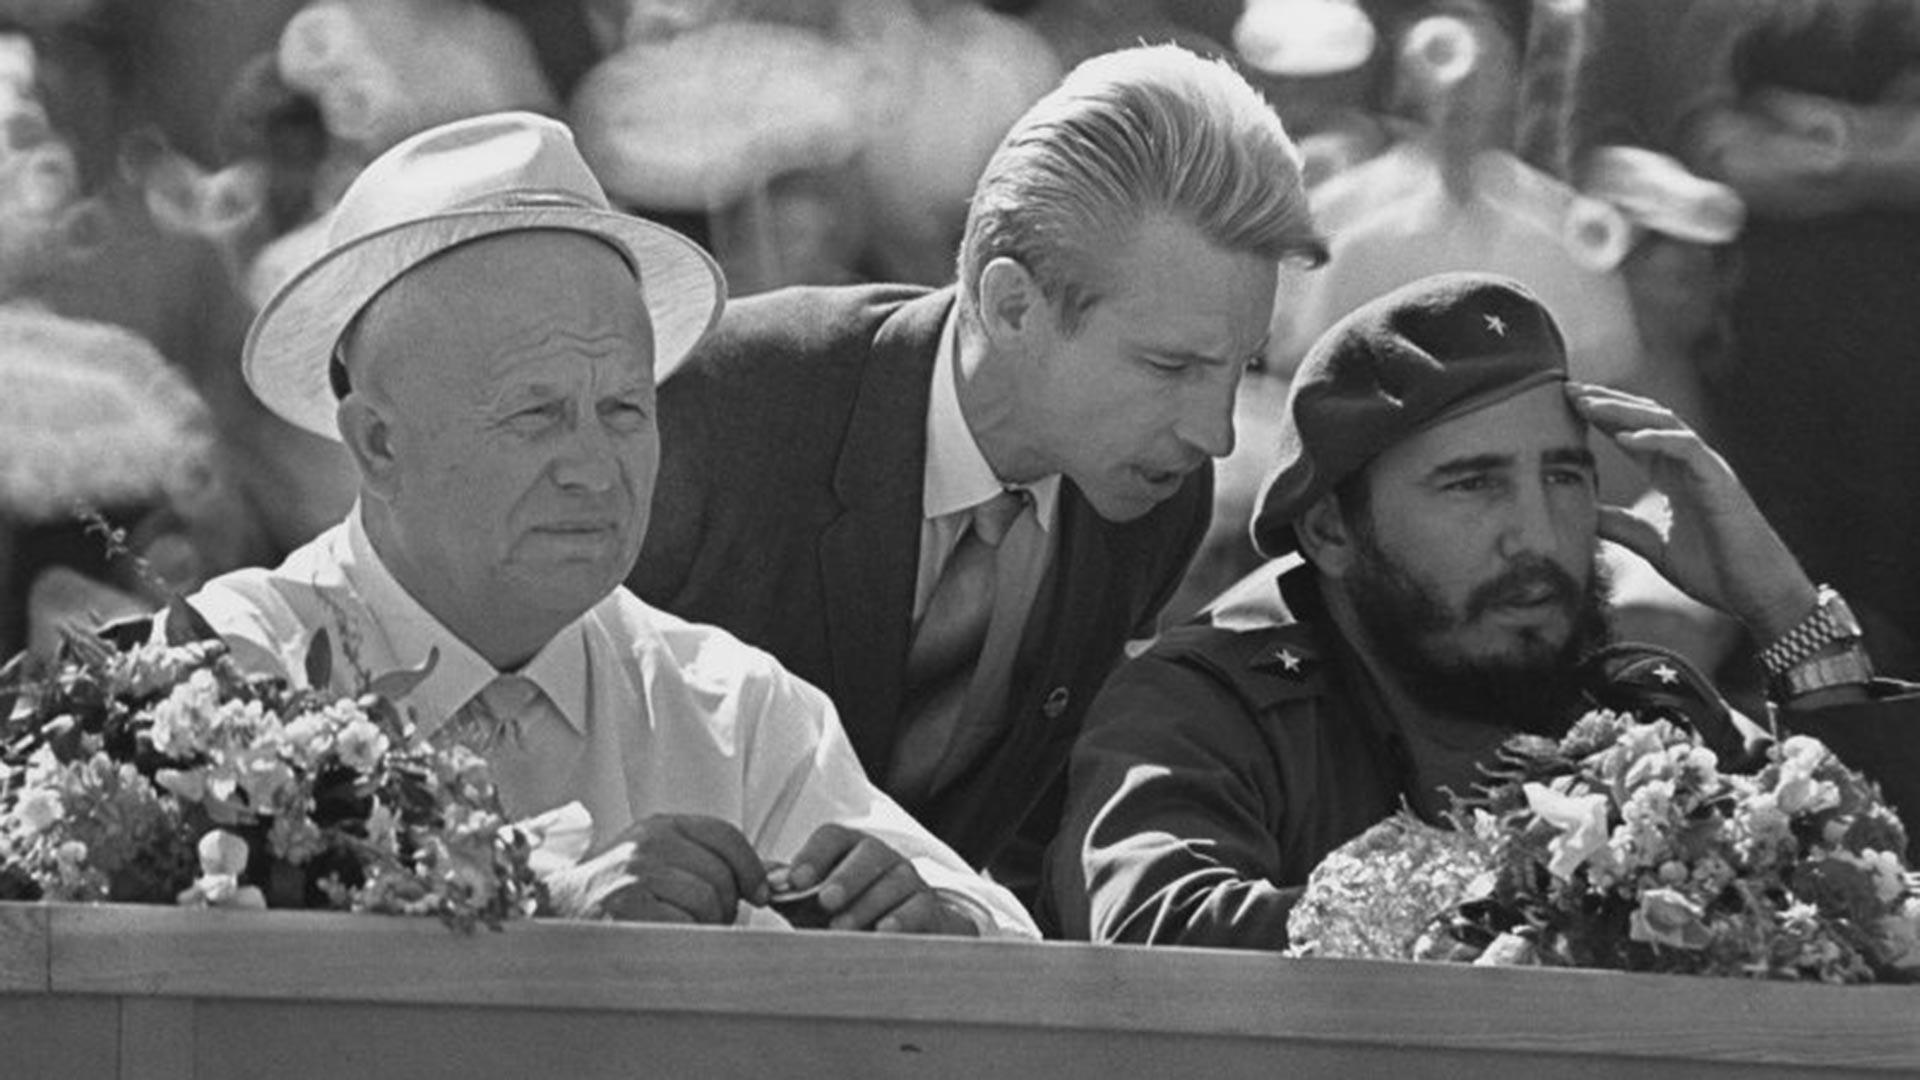 """Фидел Кастро у посети Совјетском Савезу. Митинг пријатељства између совјетског и кубанског народа на стадиону """"Лужњики""""."""